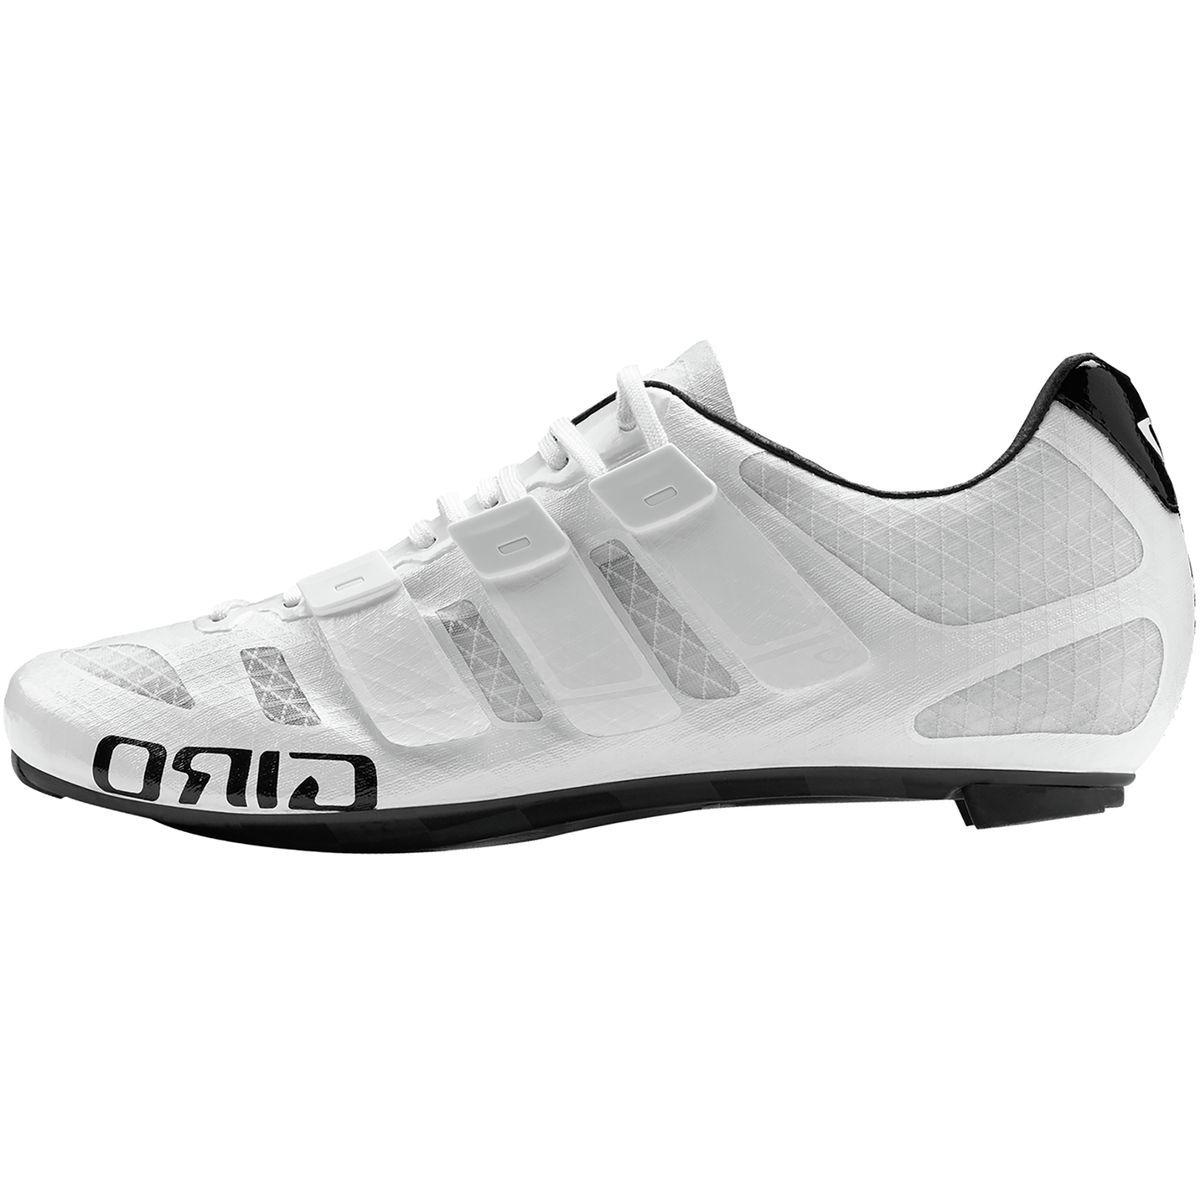 Giro Prolight Techlace Cycling Shoe - Men's